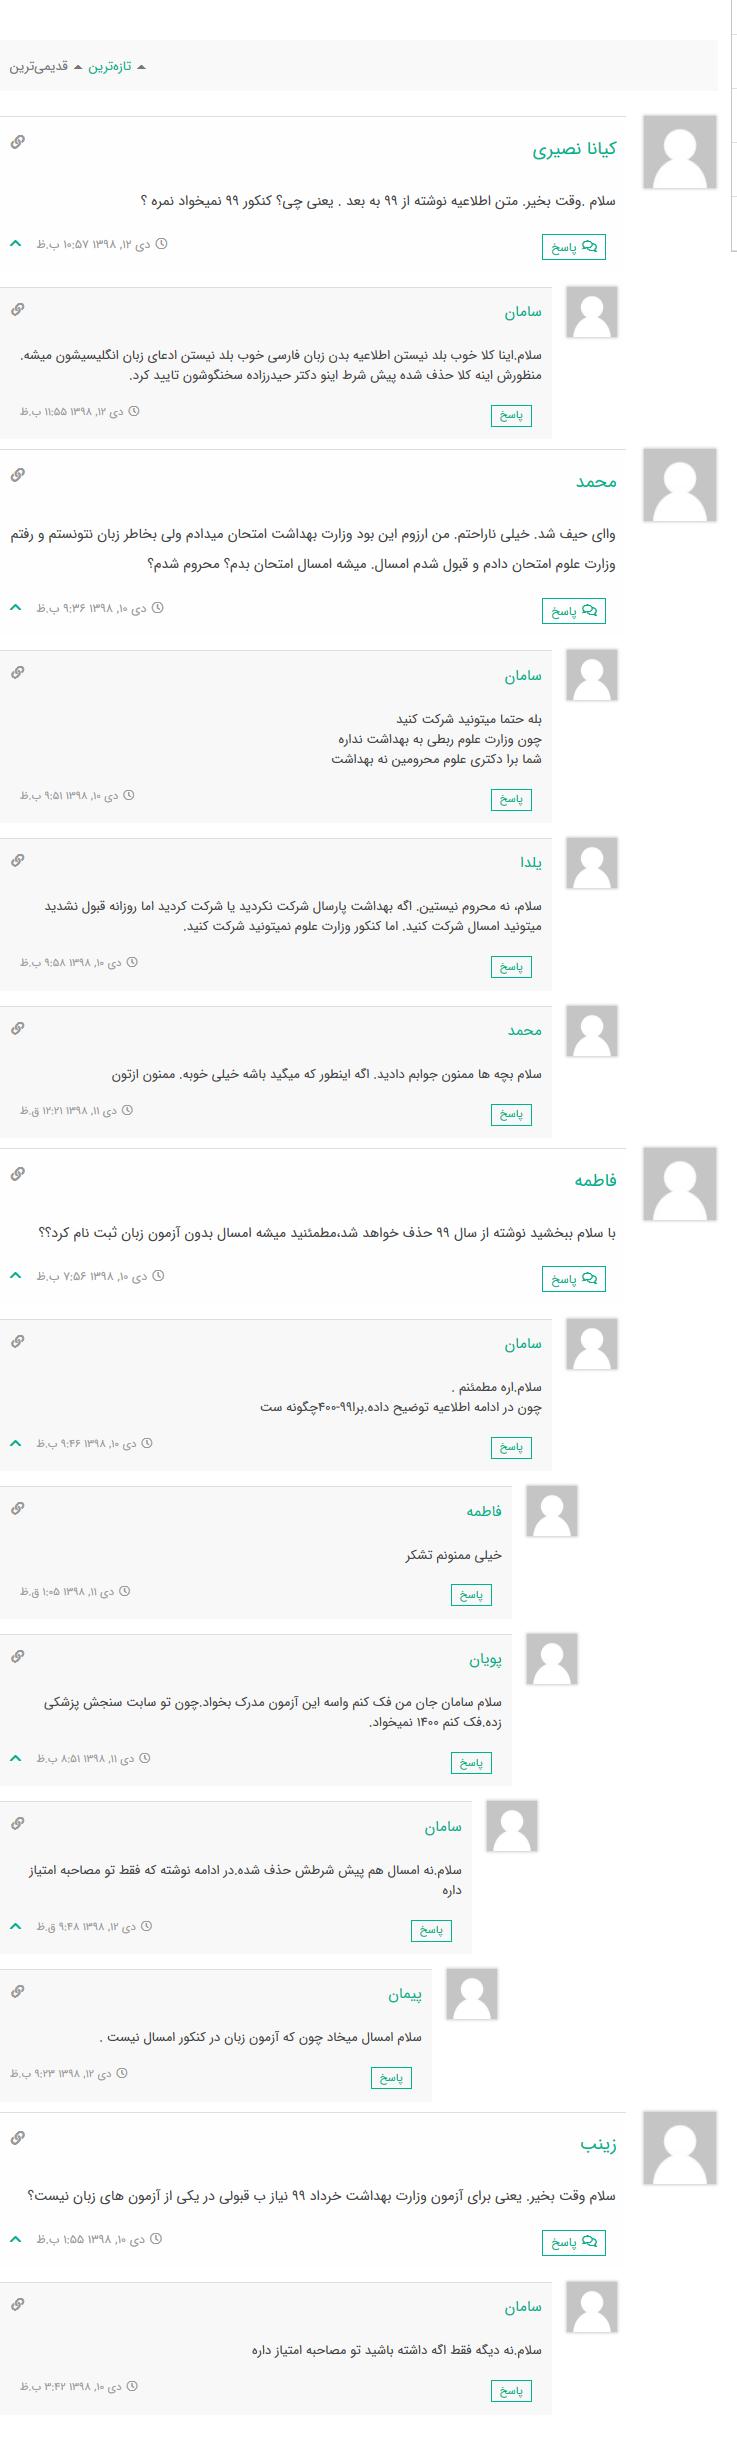 حذف شرط نمره زبان در آزمون جامع دکتری وزارت بهداشت